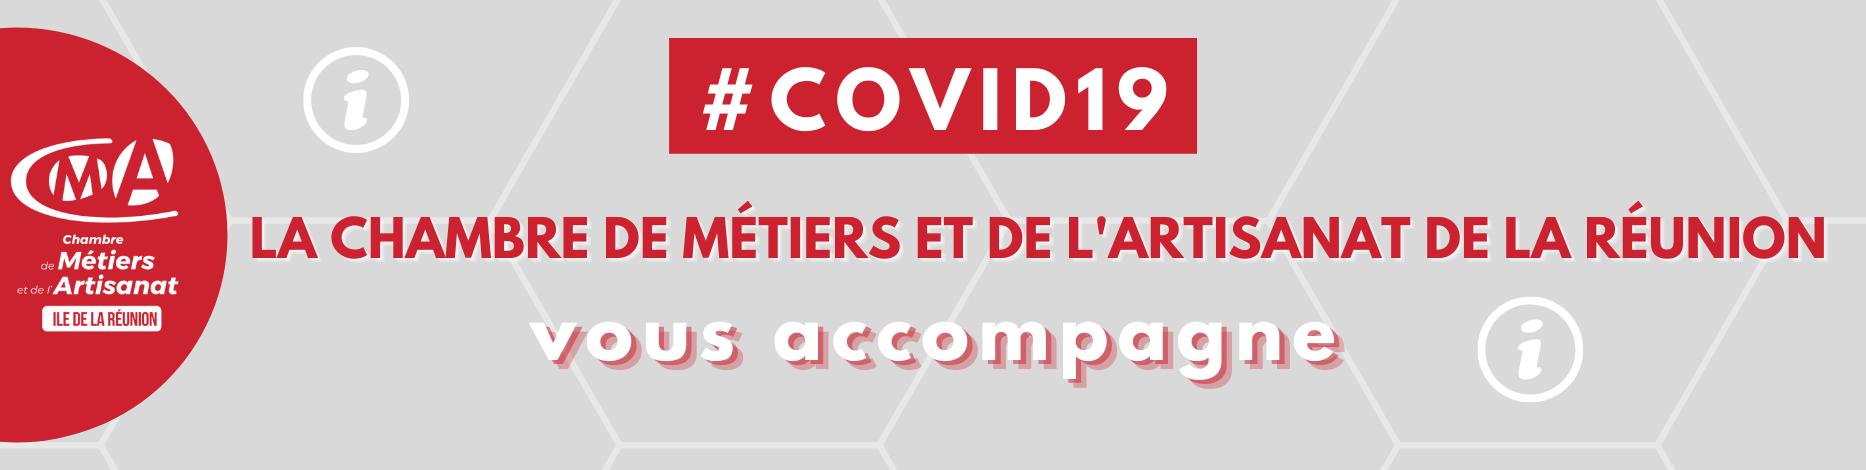 COVID19 La chambre de métiers et de l'artisanat de la réunion vous accompagne